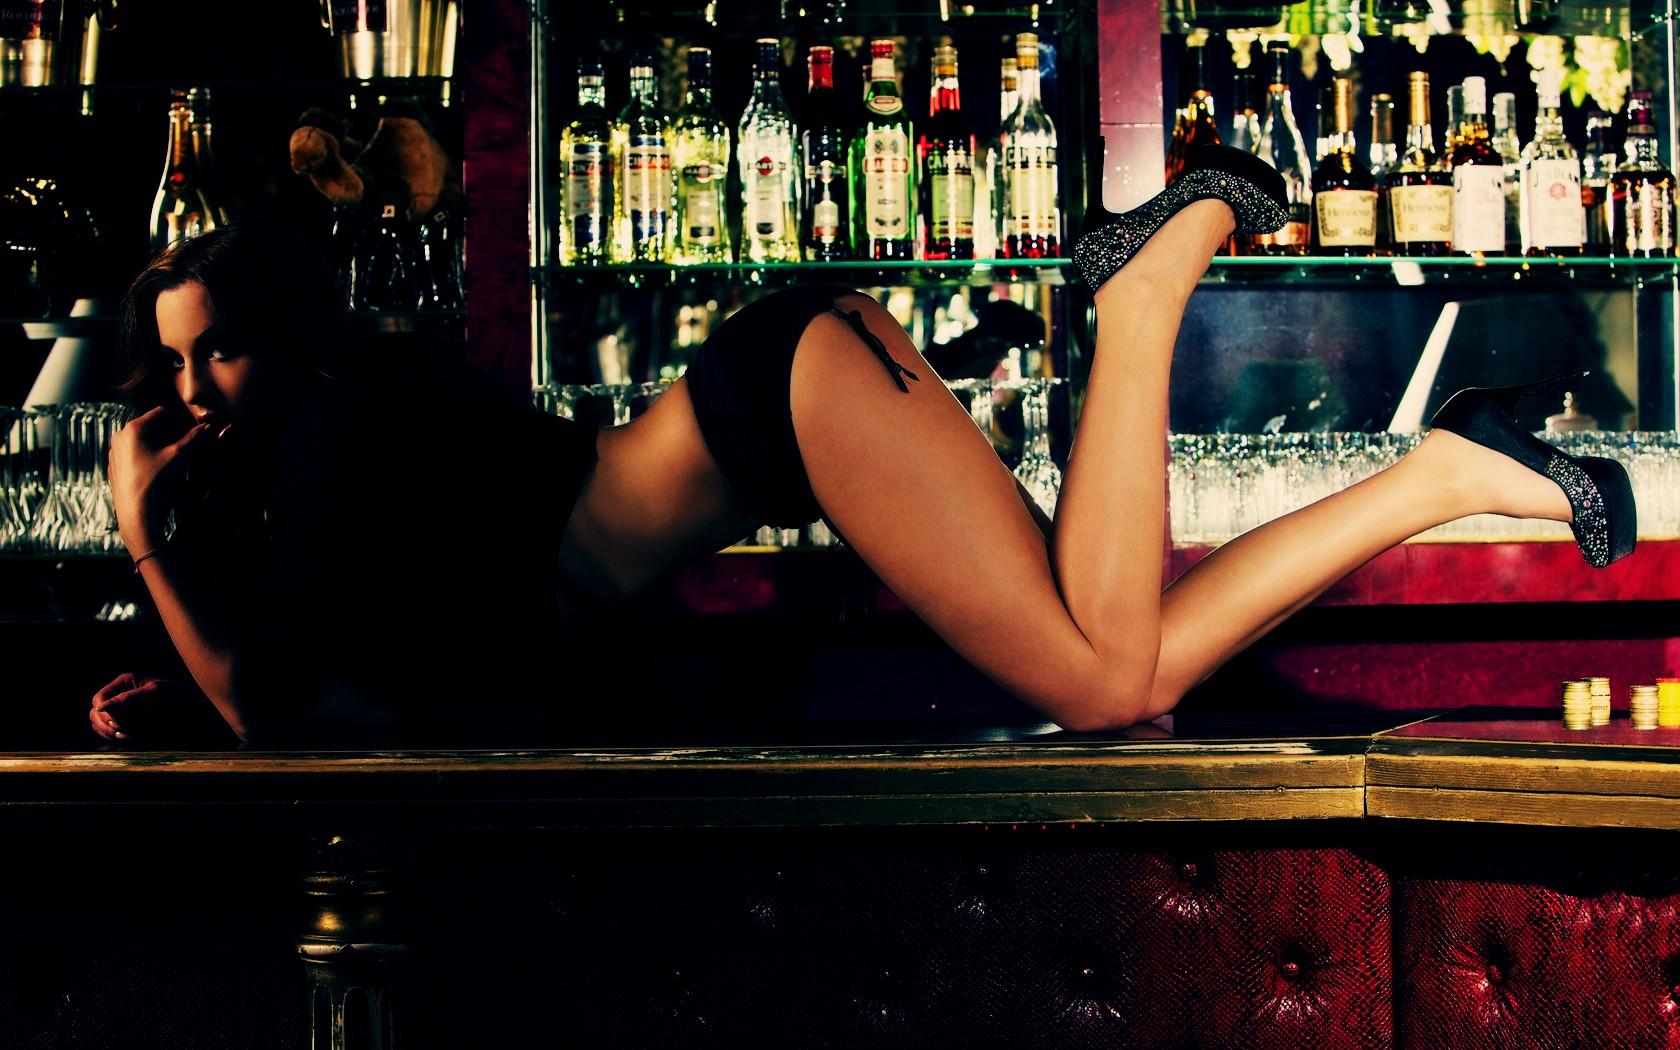 домашнее фото лесбиянок блондинок у барной стойки пришлось расстаться